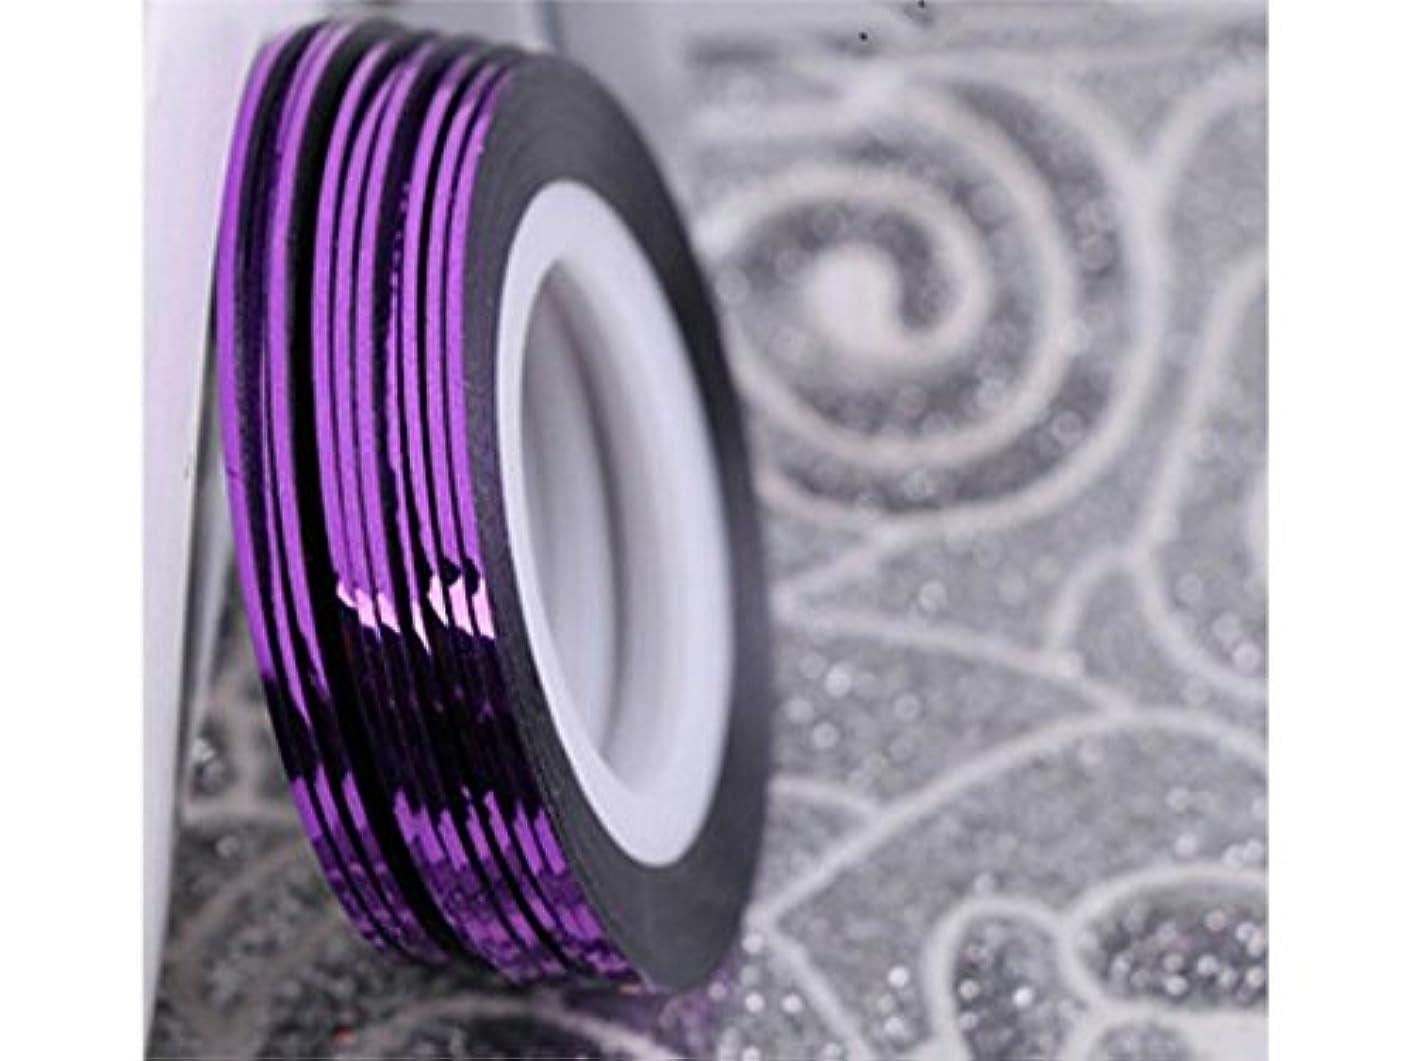 部分的にもろい汚れるOsize ネイルアートキラキラゴールドシルバーストリップラインリボンストライプ装飾ツールネイルステッカーストライピングテープラインネイルアートデコレーション(パープル)